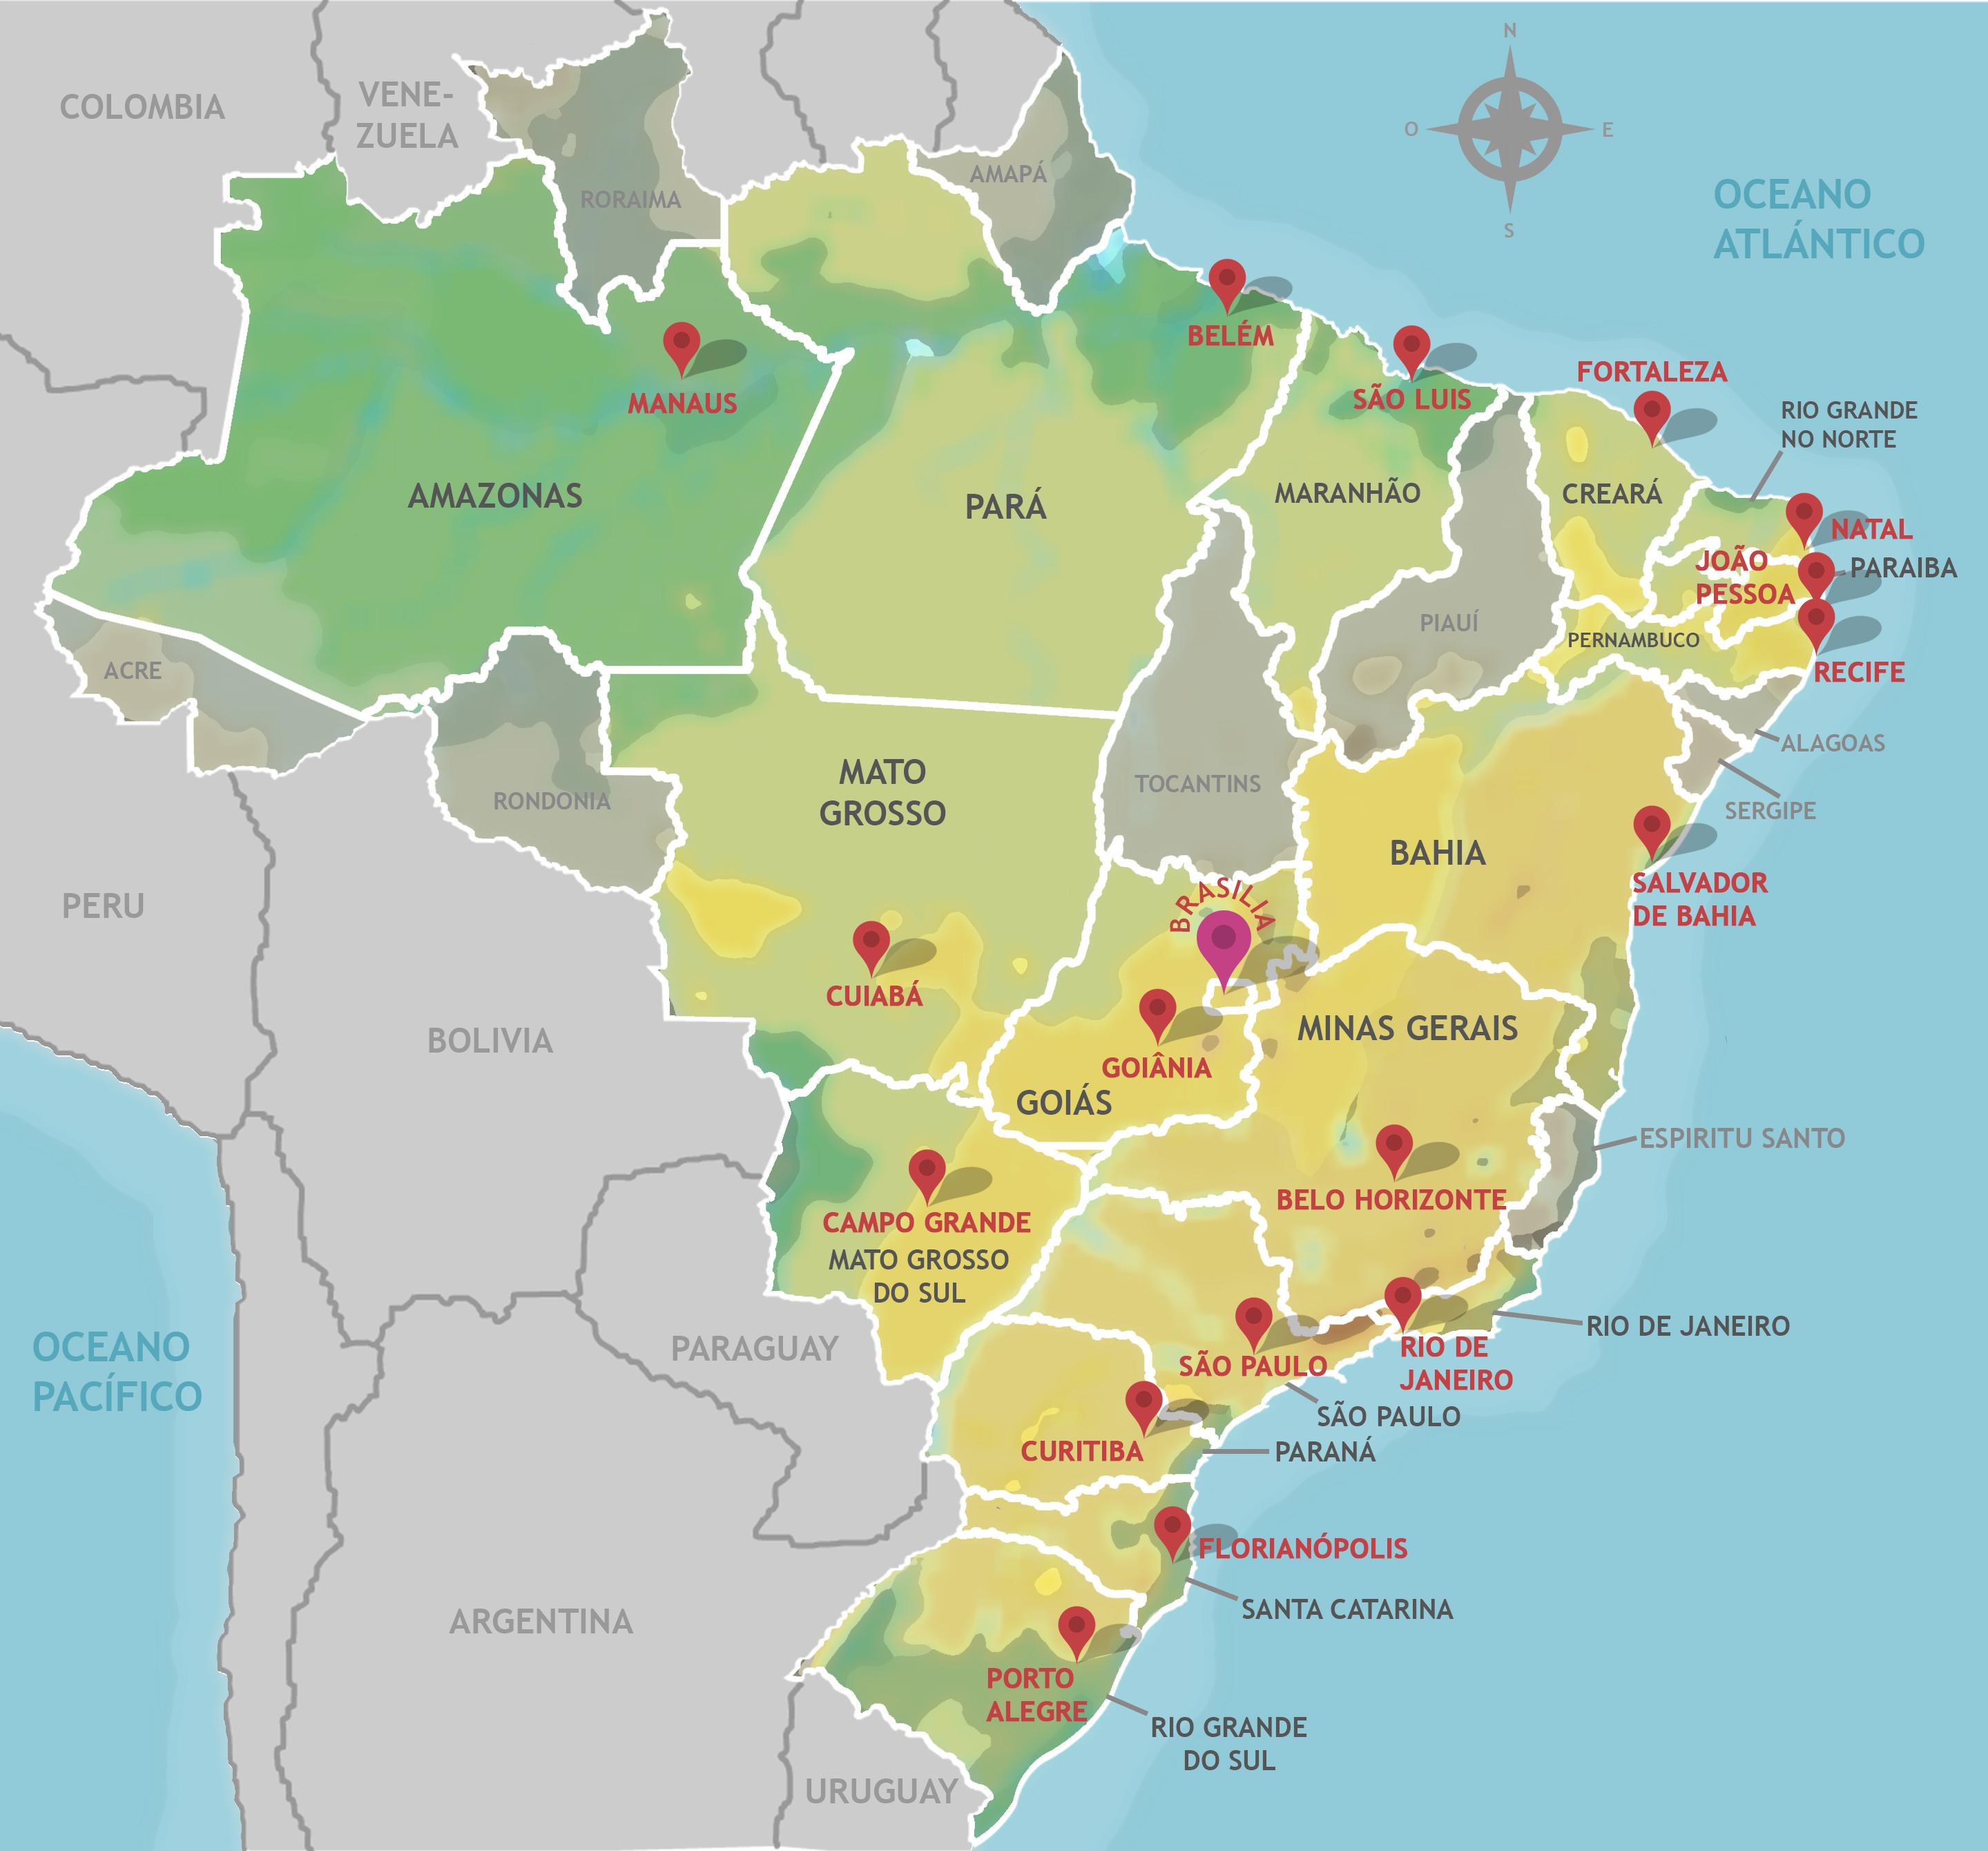 Mapa do Brasil Estados, Capitais e Regiões